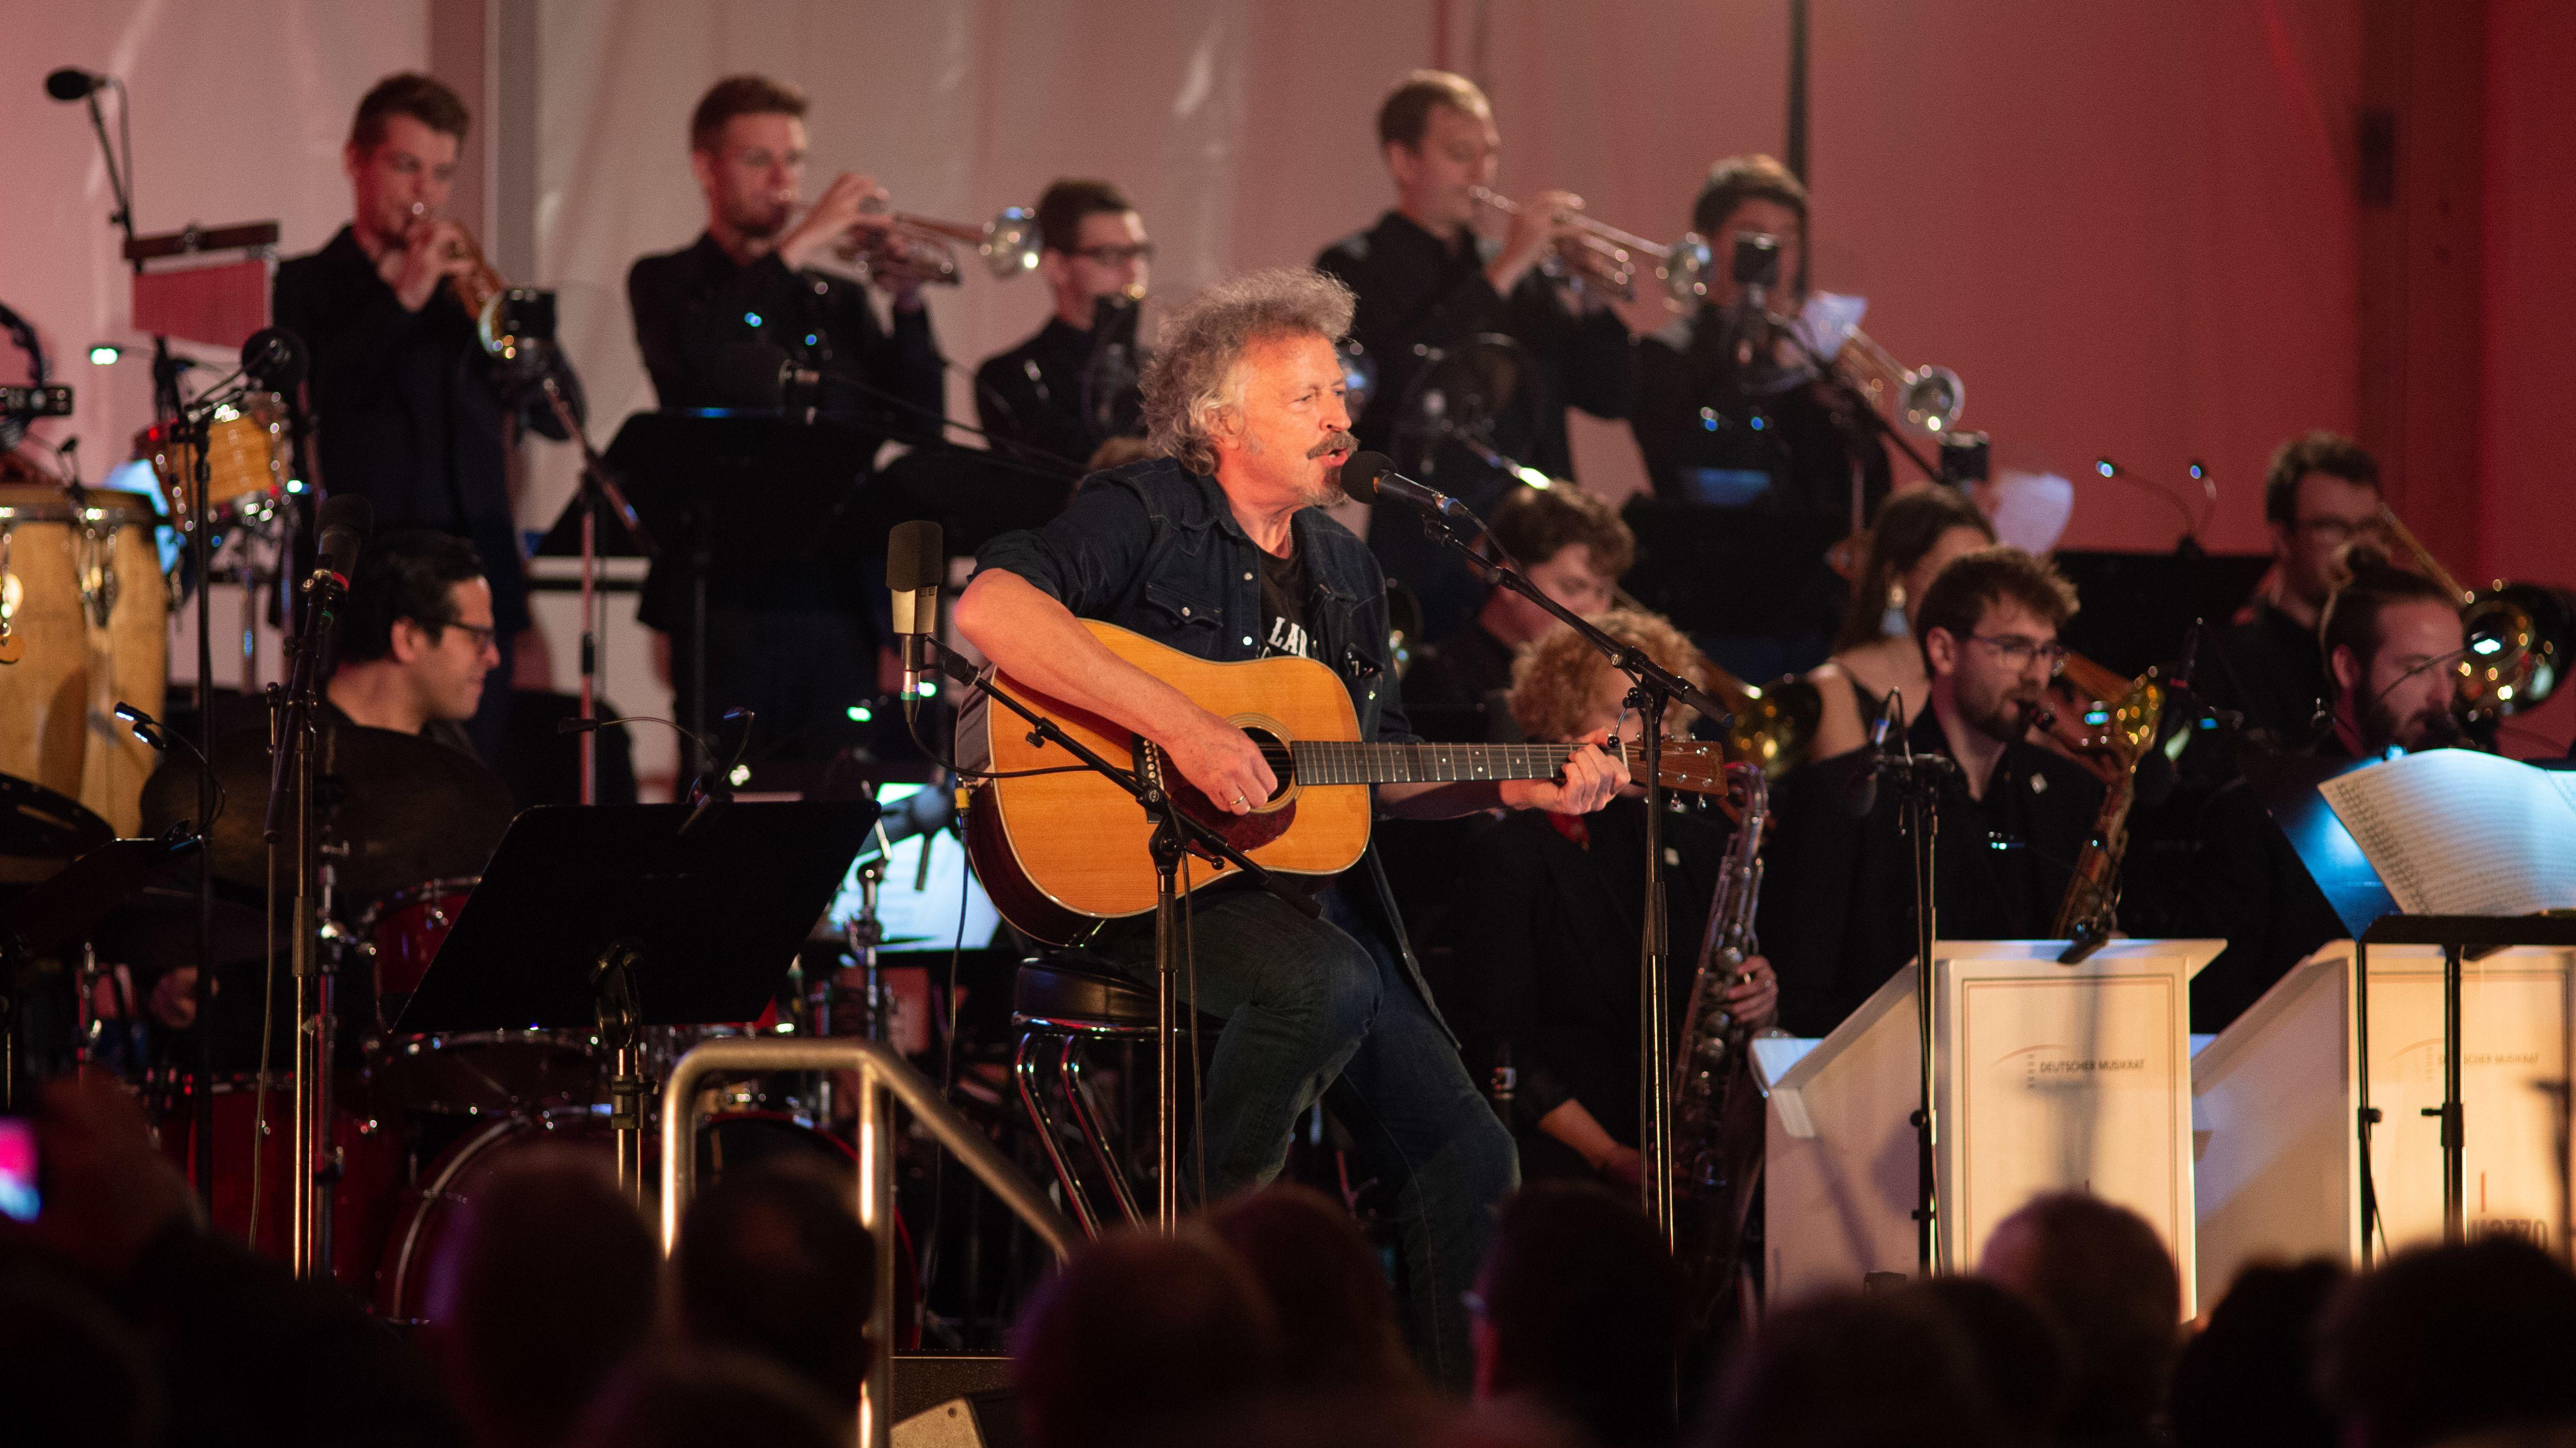 Am Abend berichtet Musiker Wolfgang Niedecken (BAP) sehr persönlich über seine Erinnerungen an Mauer und Mauerfall.